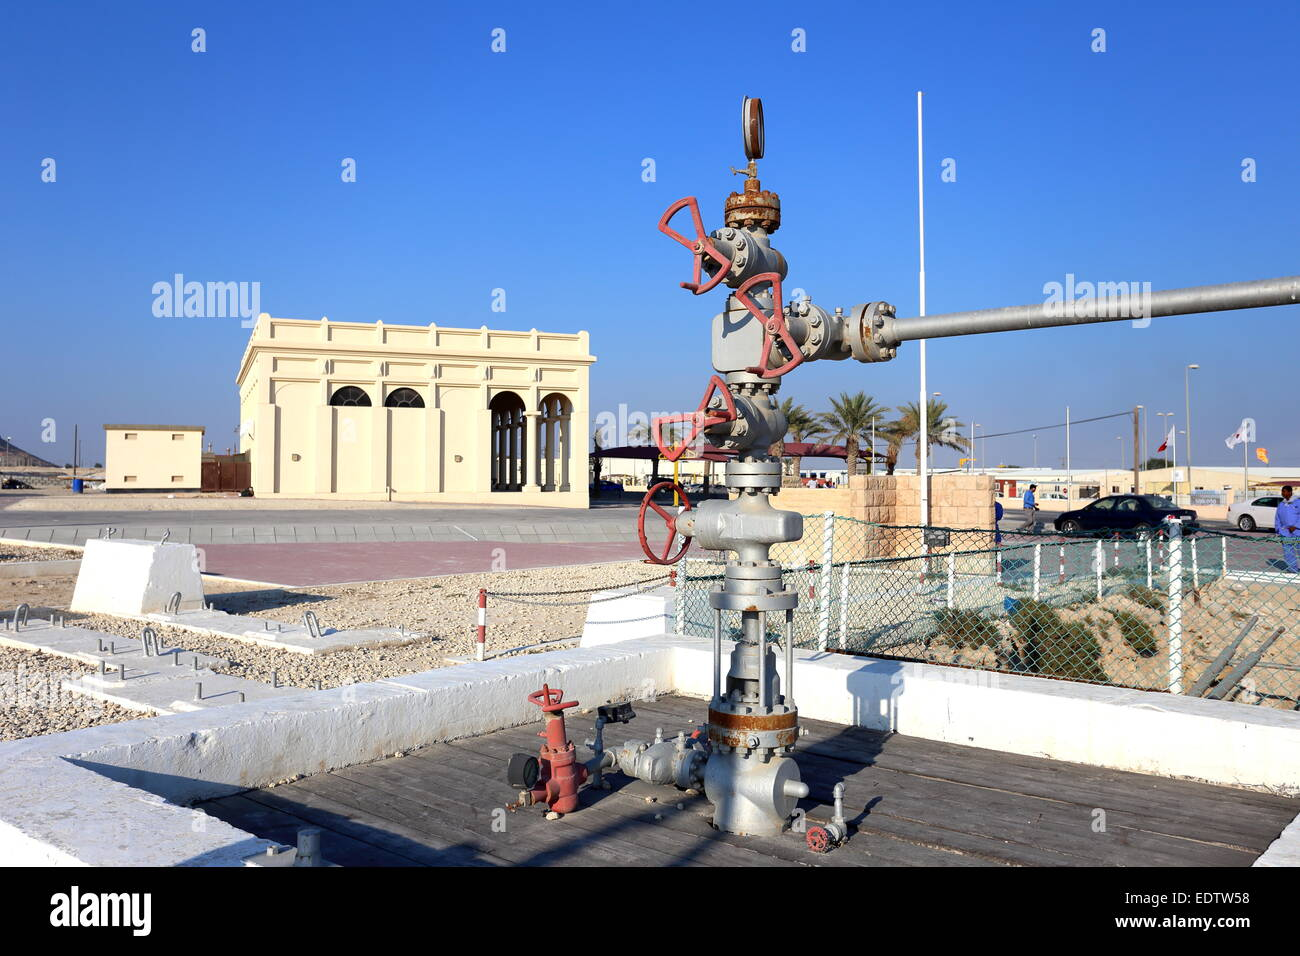 Pozo de petróleo número 1 en el primer plano con el Museo del Petróleo, en el fondo, Bahrein Imagen De Stock